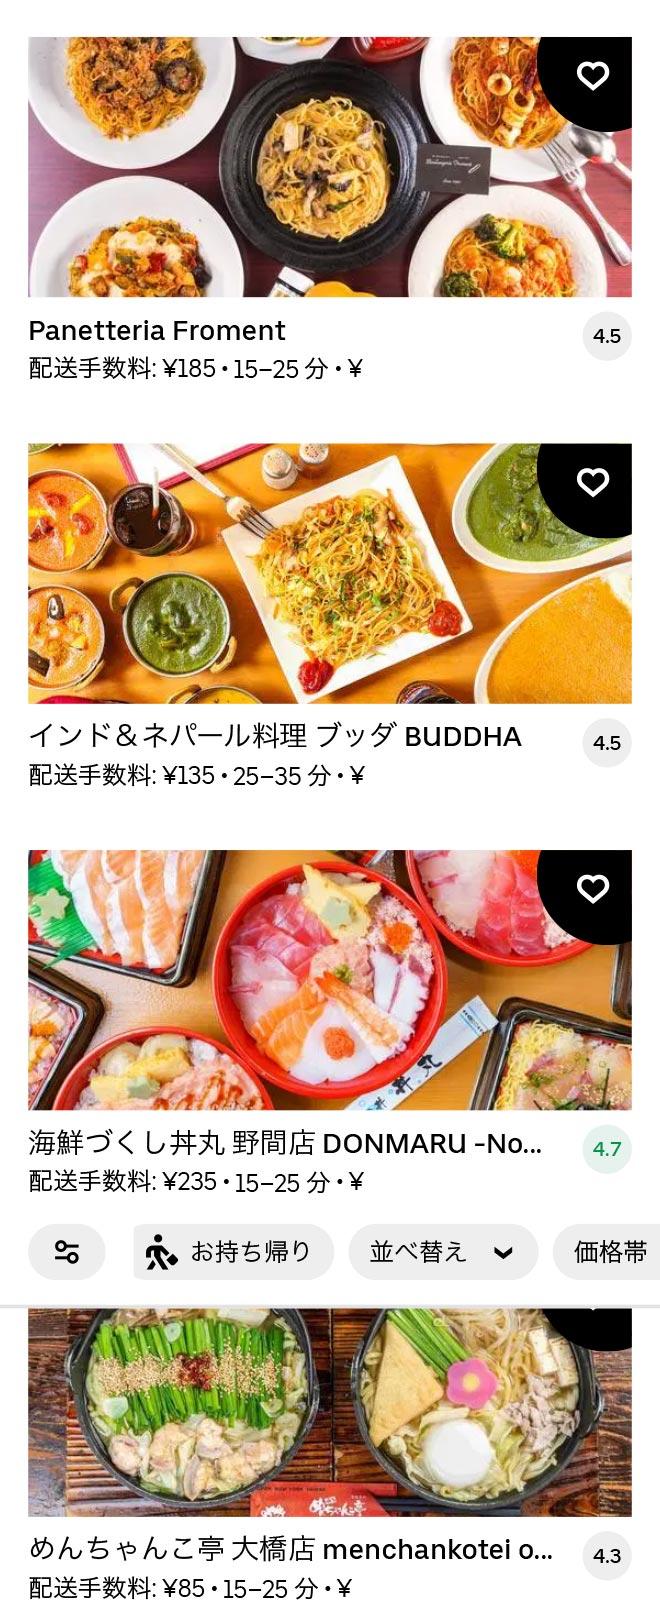 Oohashi menu 2101 04